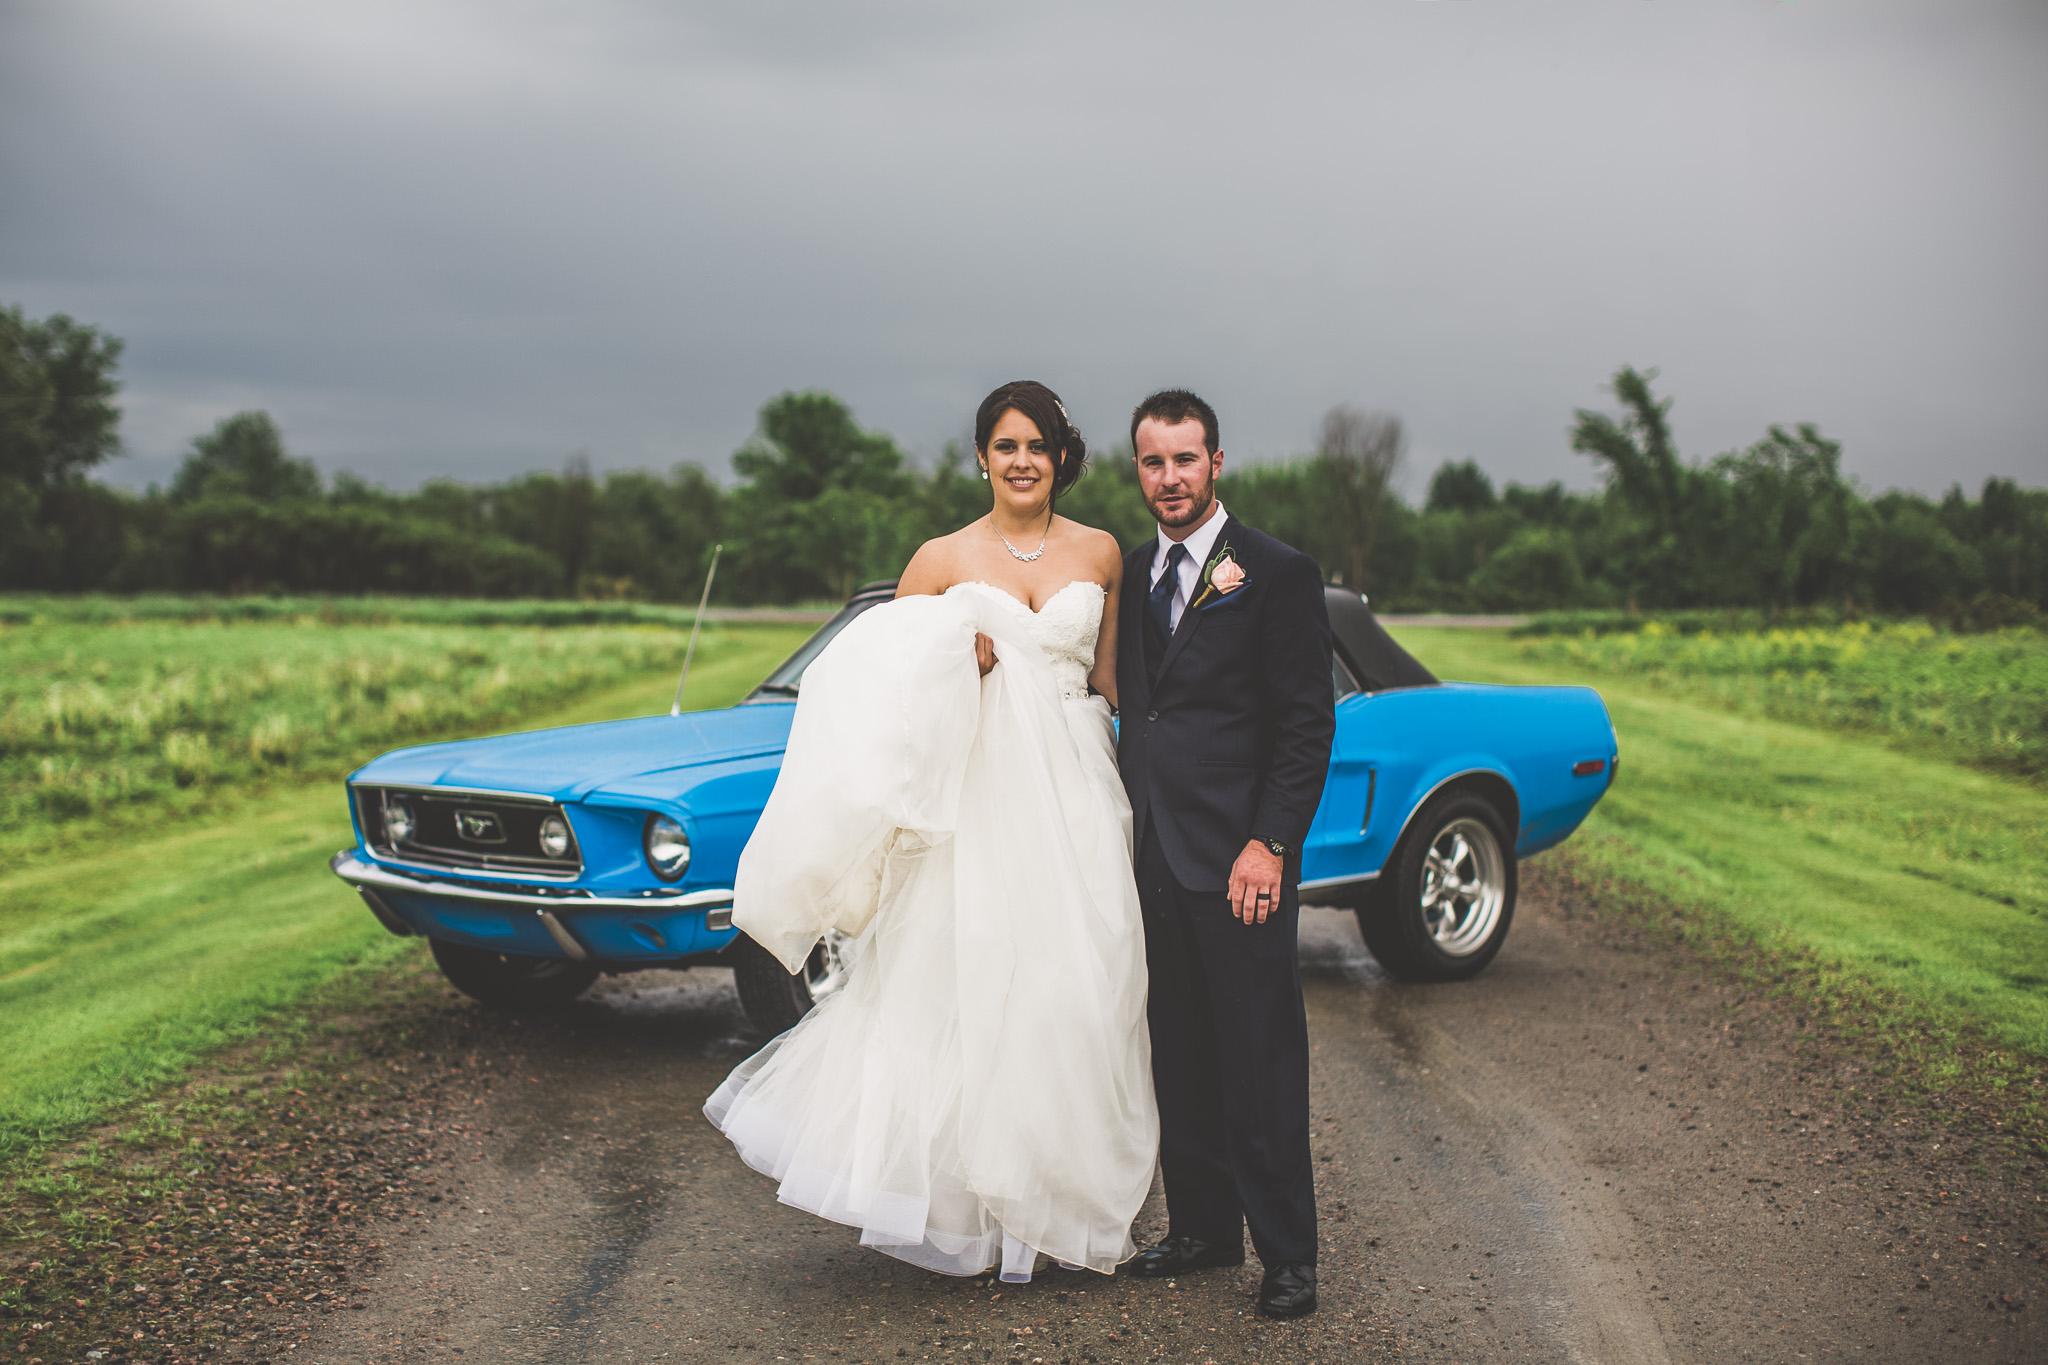 rainy-wedding-day-portraits-Ottawa